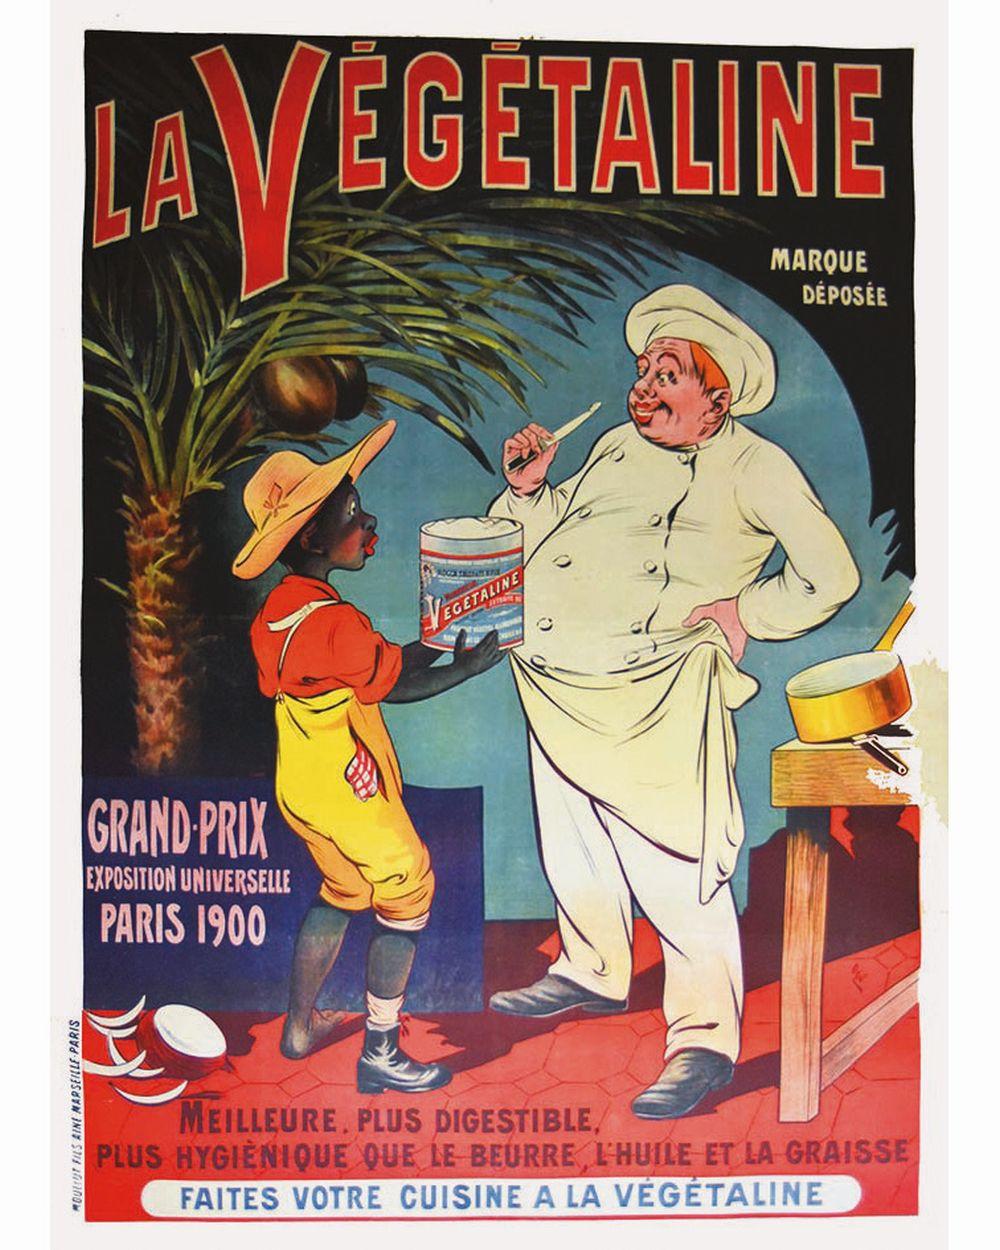 OGE - La Végétaline Grand Prix Exposition Universelle Paris 1900.     vers 1900